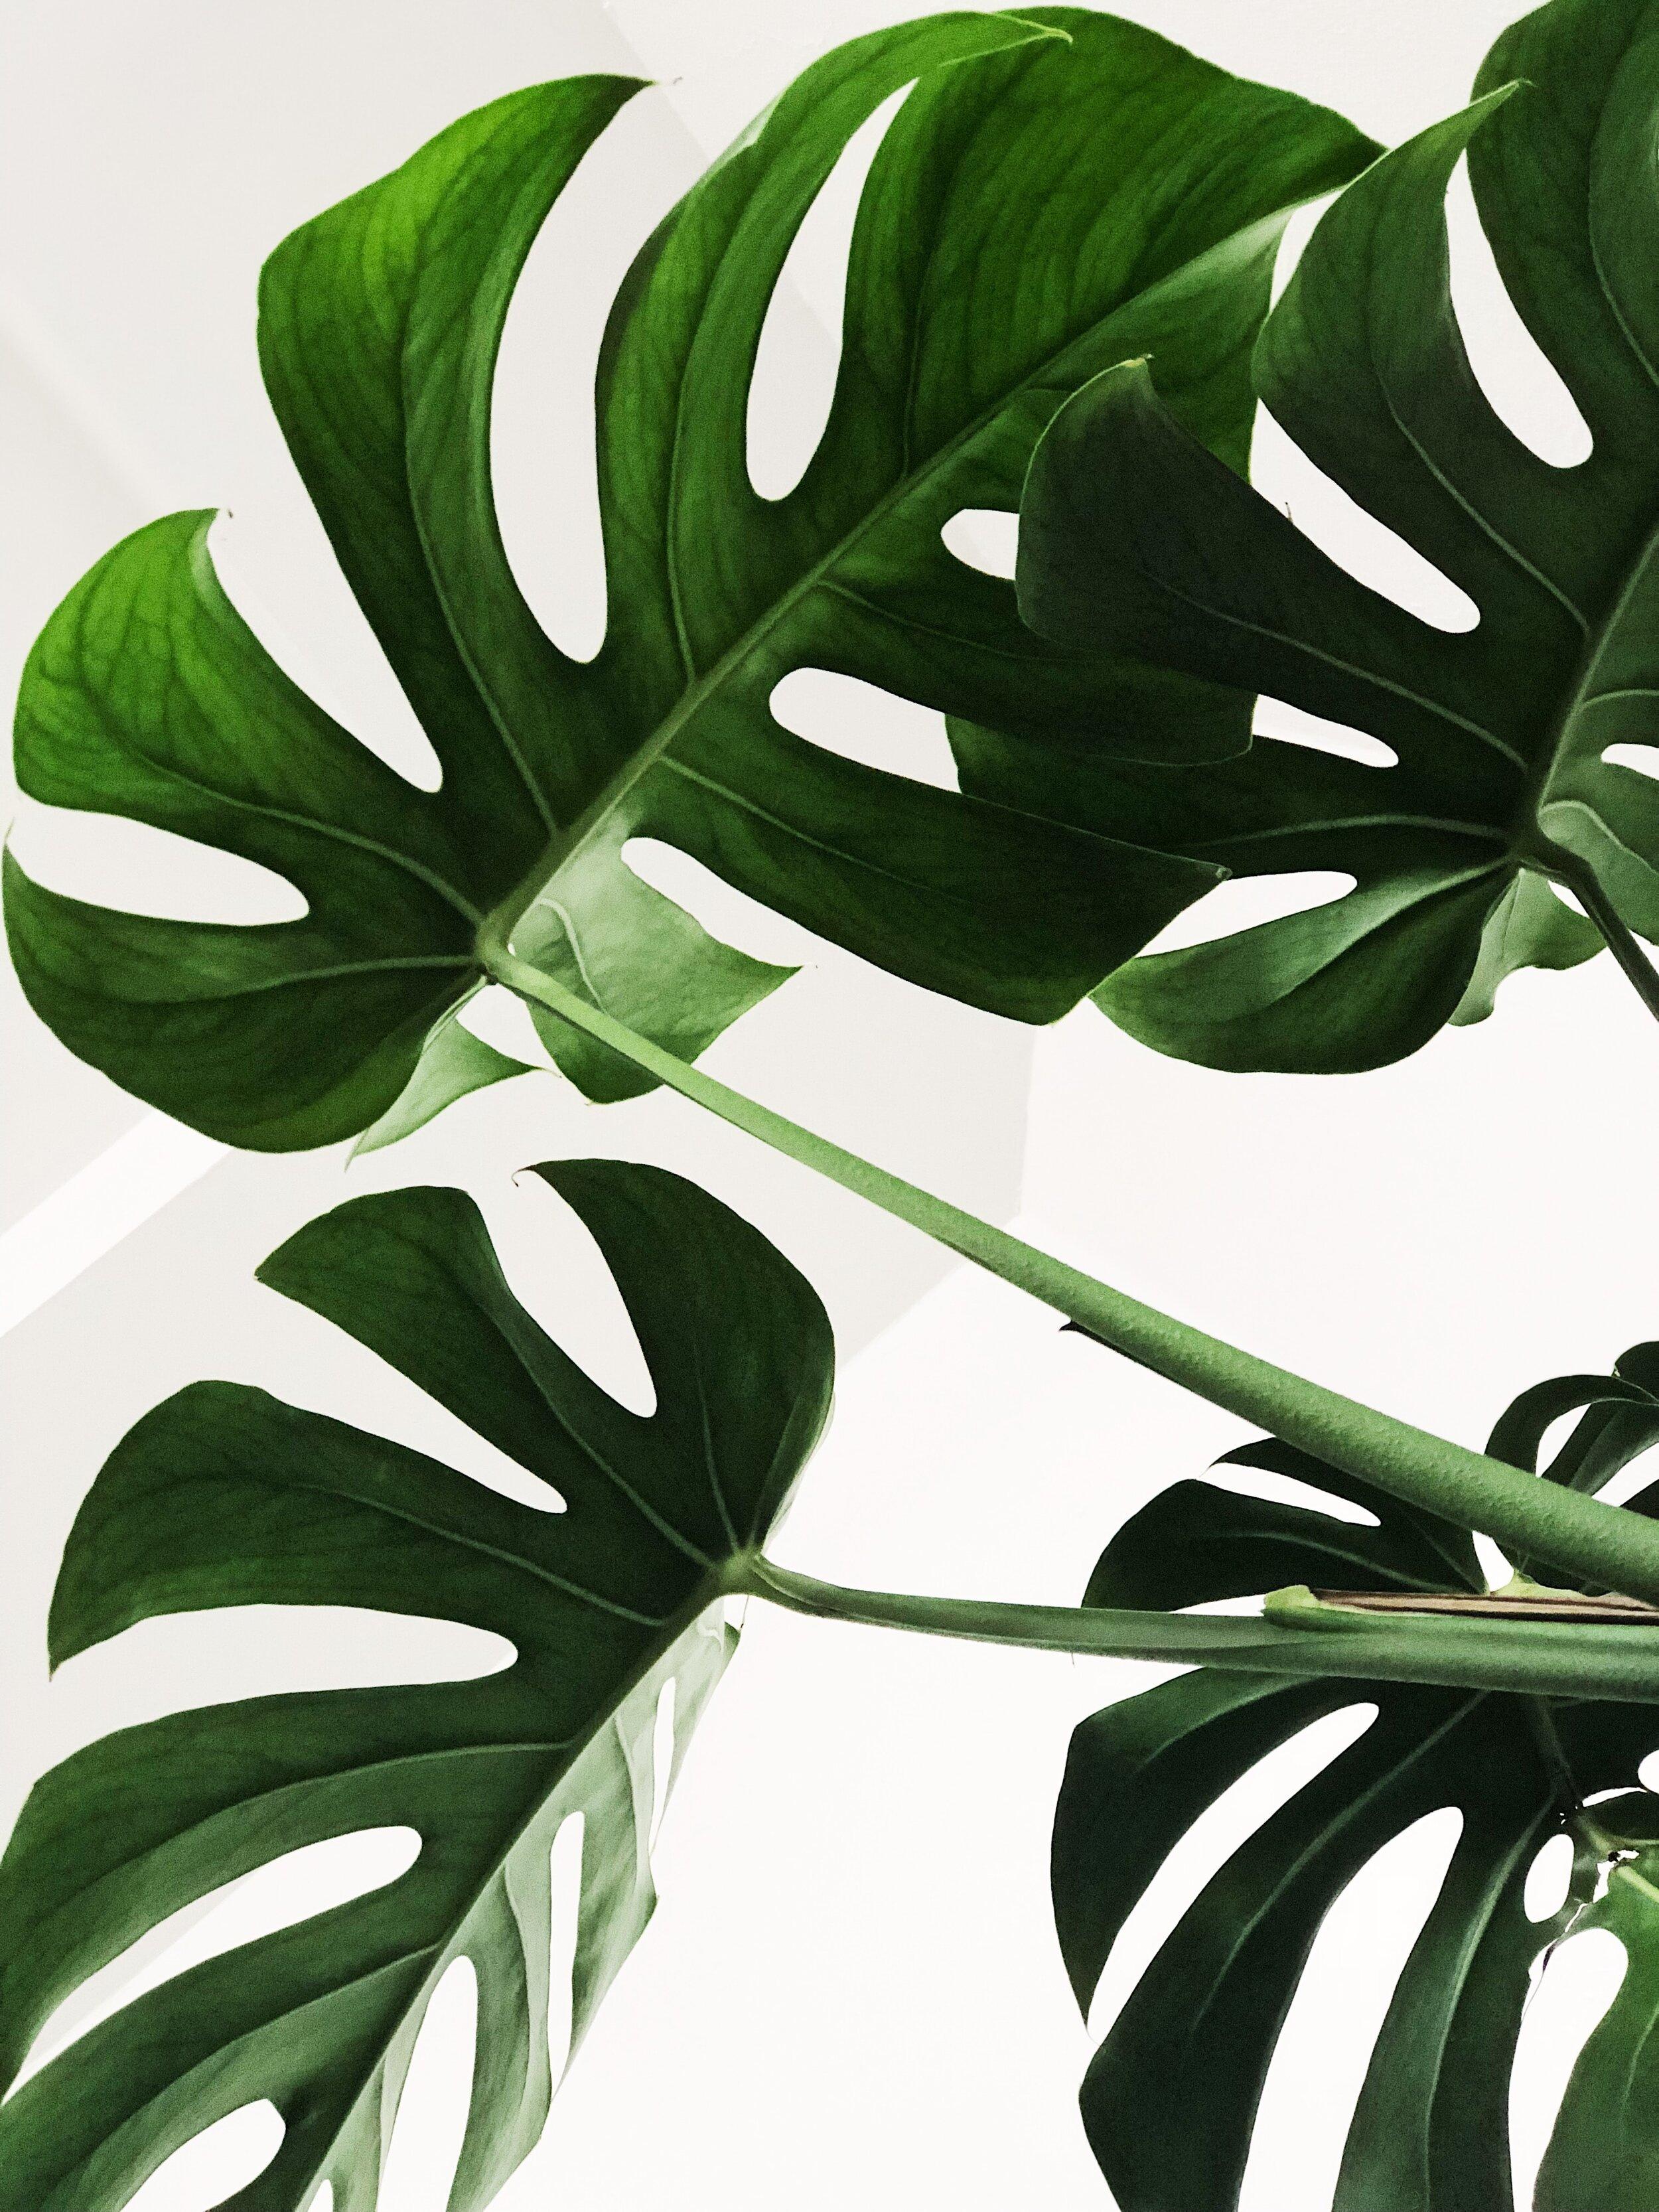 Plantas diretamente entregues dos produtores - Plantas Modernas | Aumenta o bem-estar | Entrega Nacional